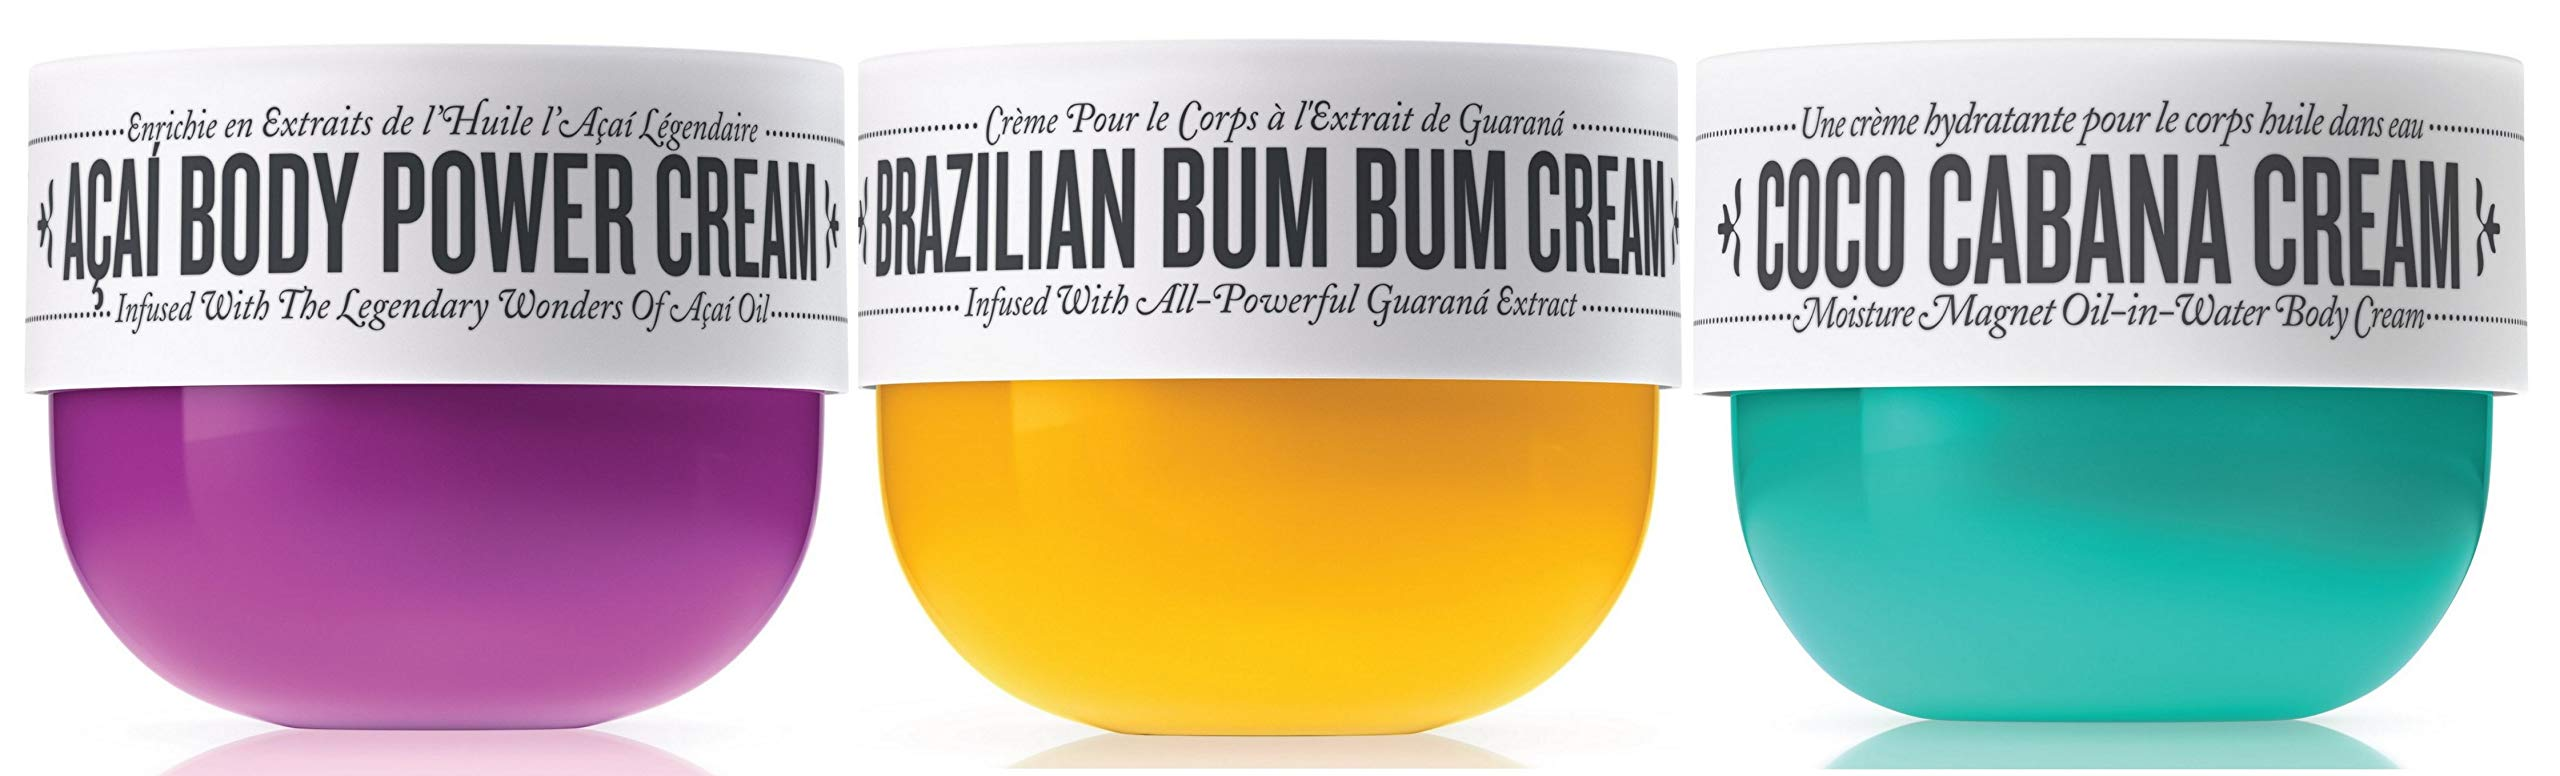 Sol de Janeiro Brazilian Bum Bum Cream, Coco Cabana Cream and Acai Body Power Cream Trio (75ml) - Bundle 3 pack